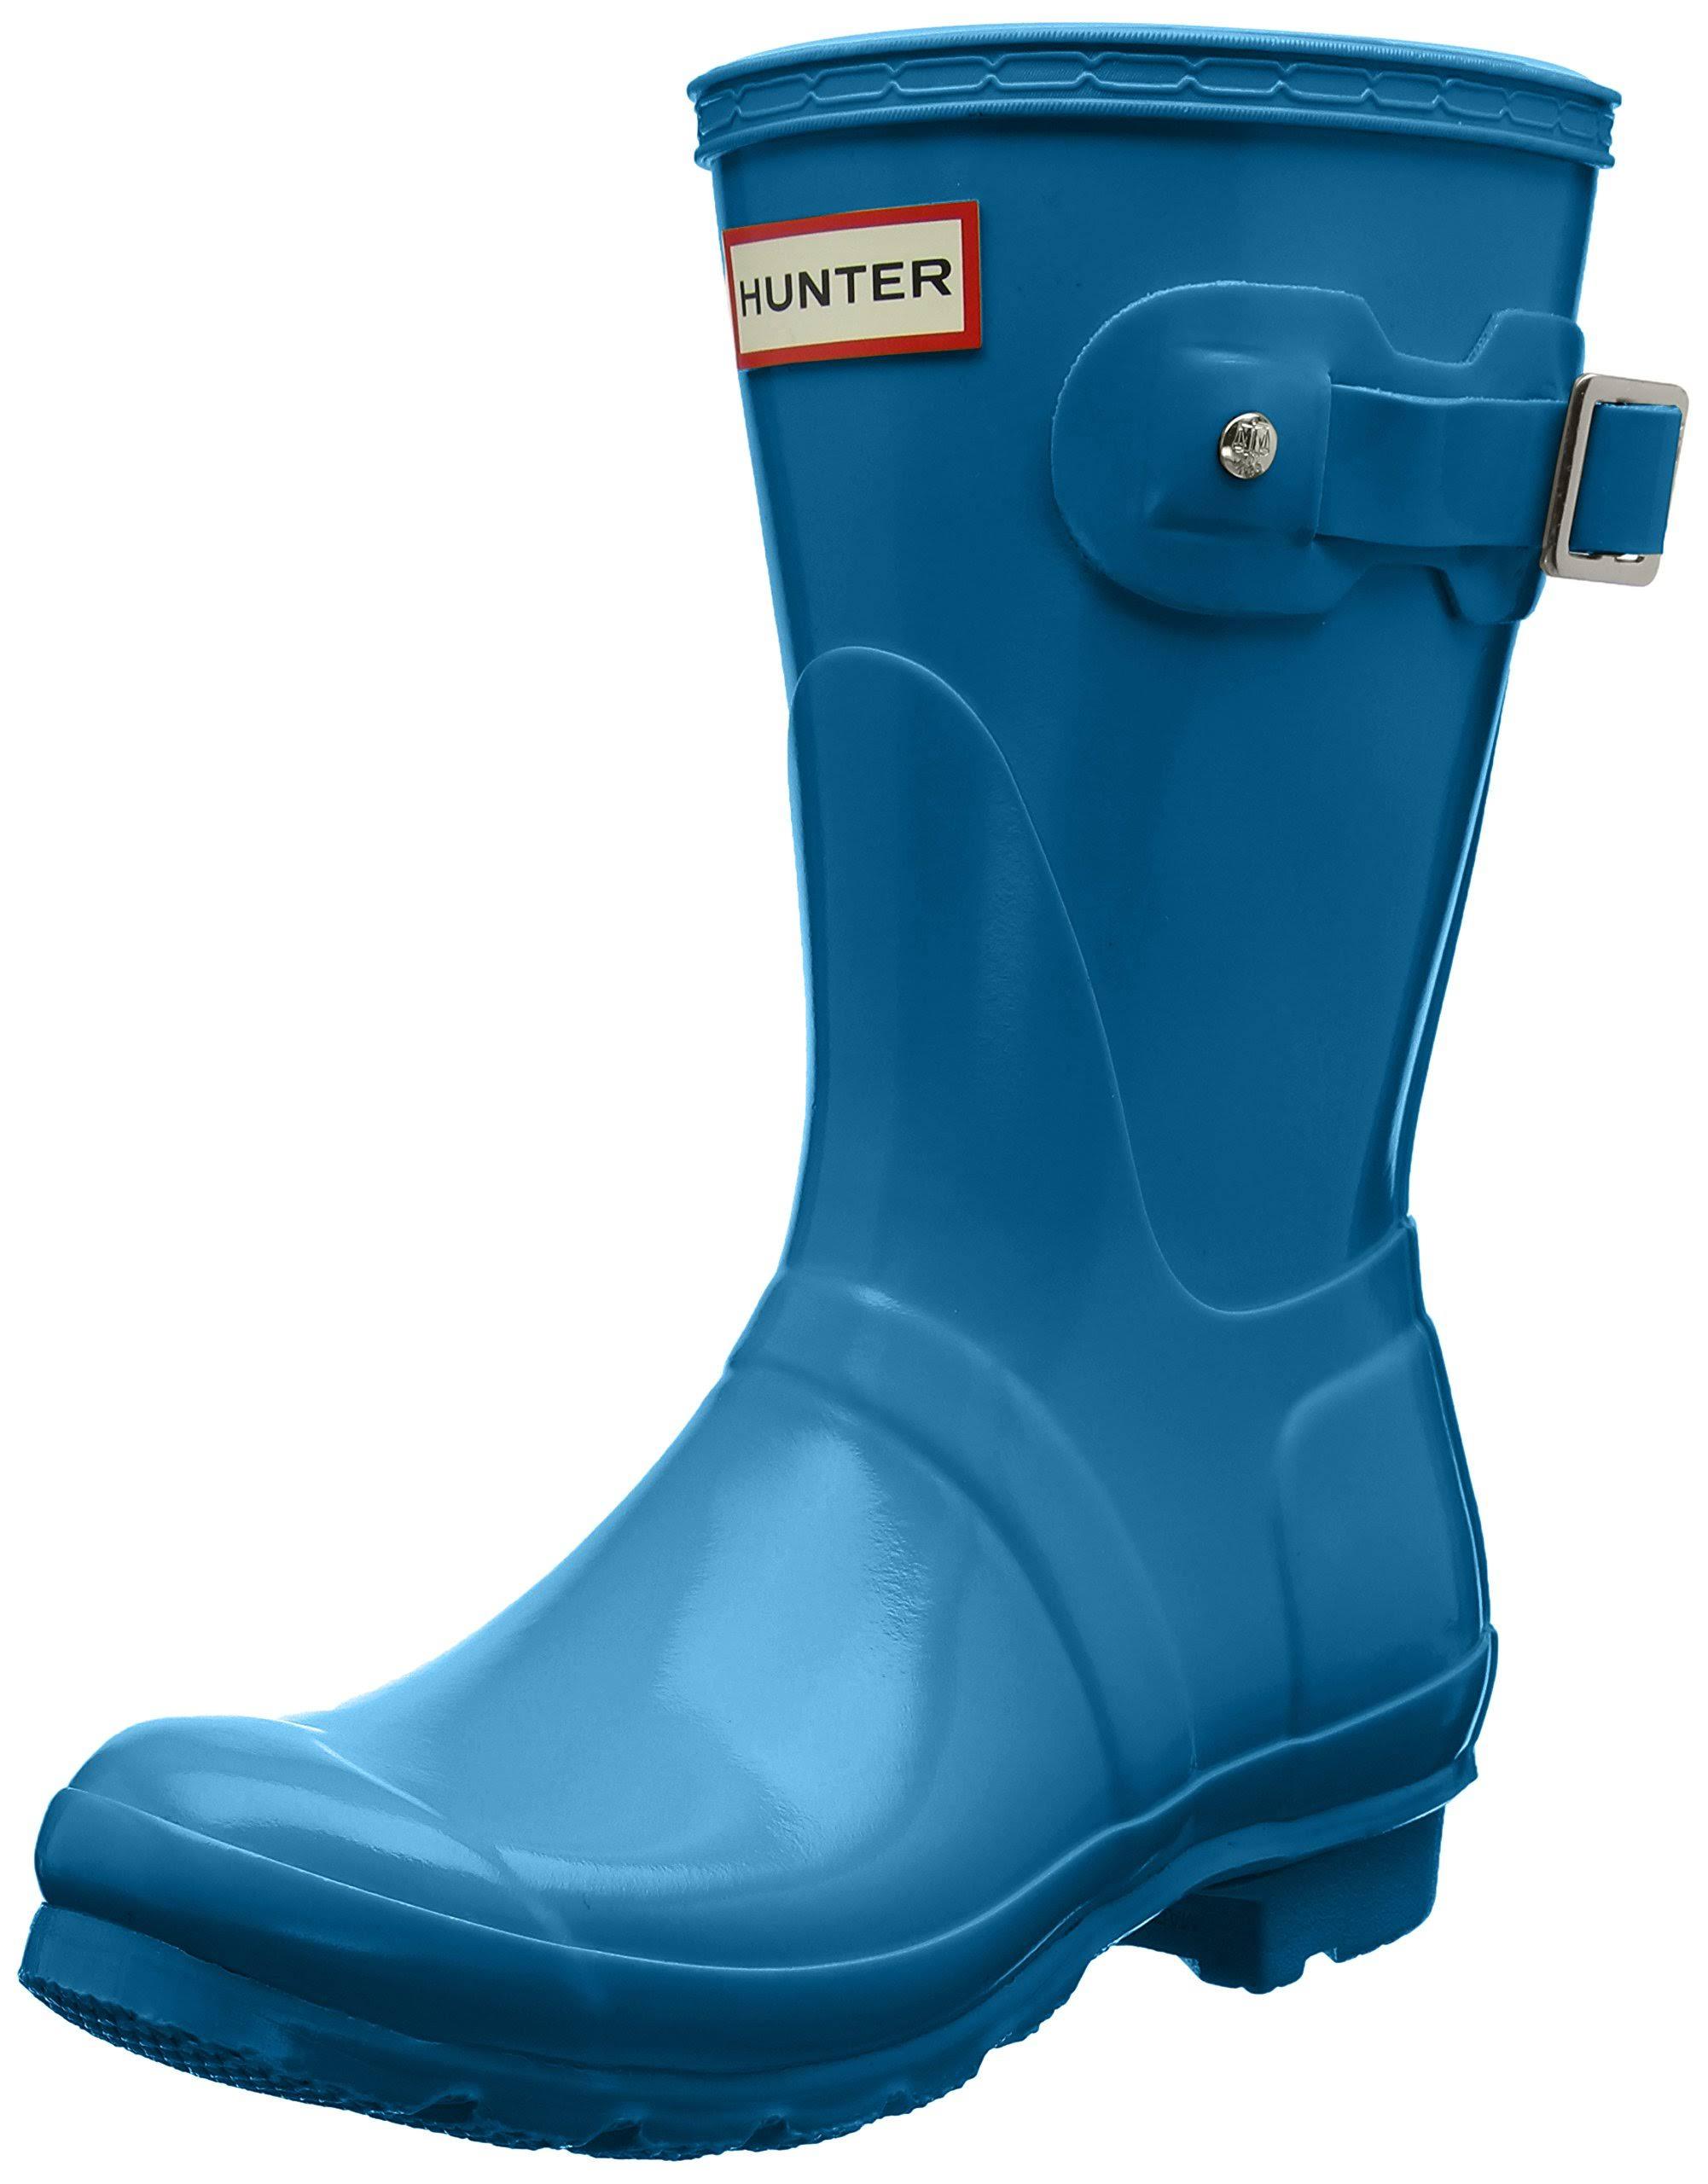 M Hunter pioggia 6 Gloss Short Blue Ocean Scarpone donna Taglia Original da da TclJ3uKF1